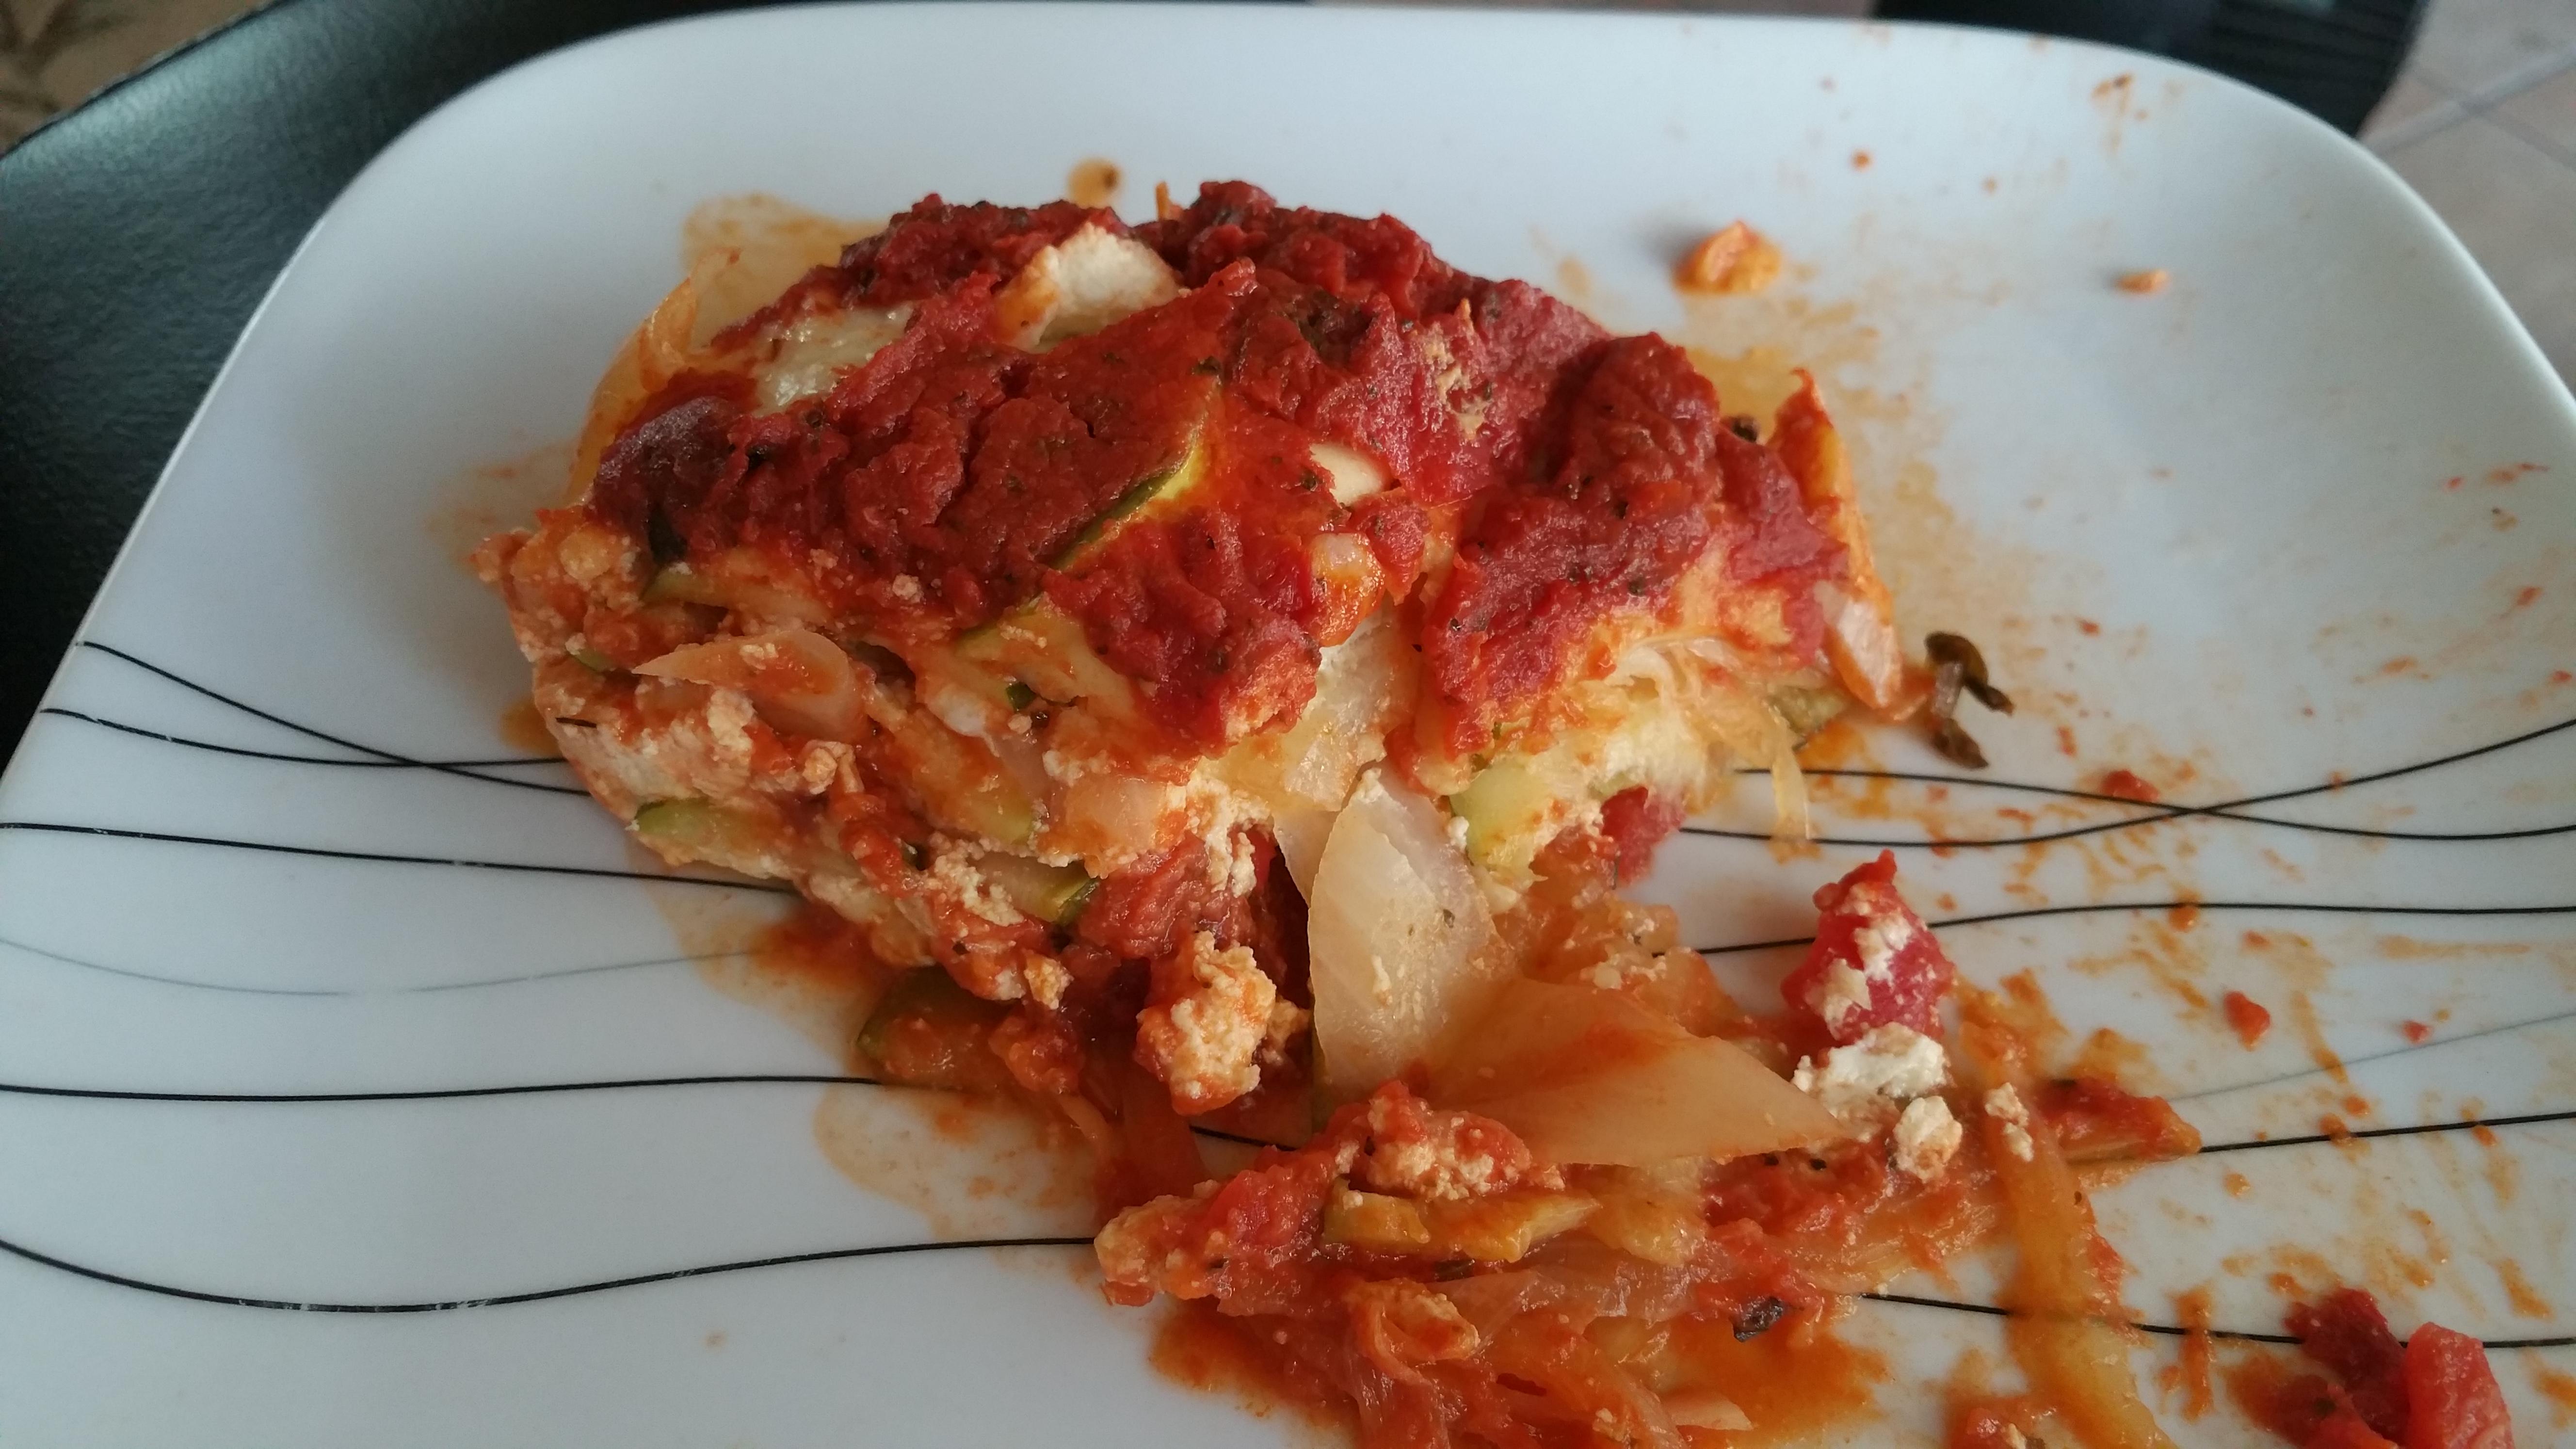 lasagna calories homemade